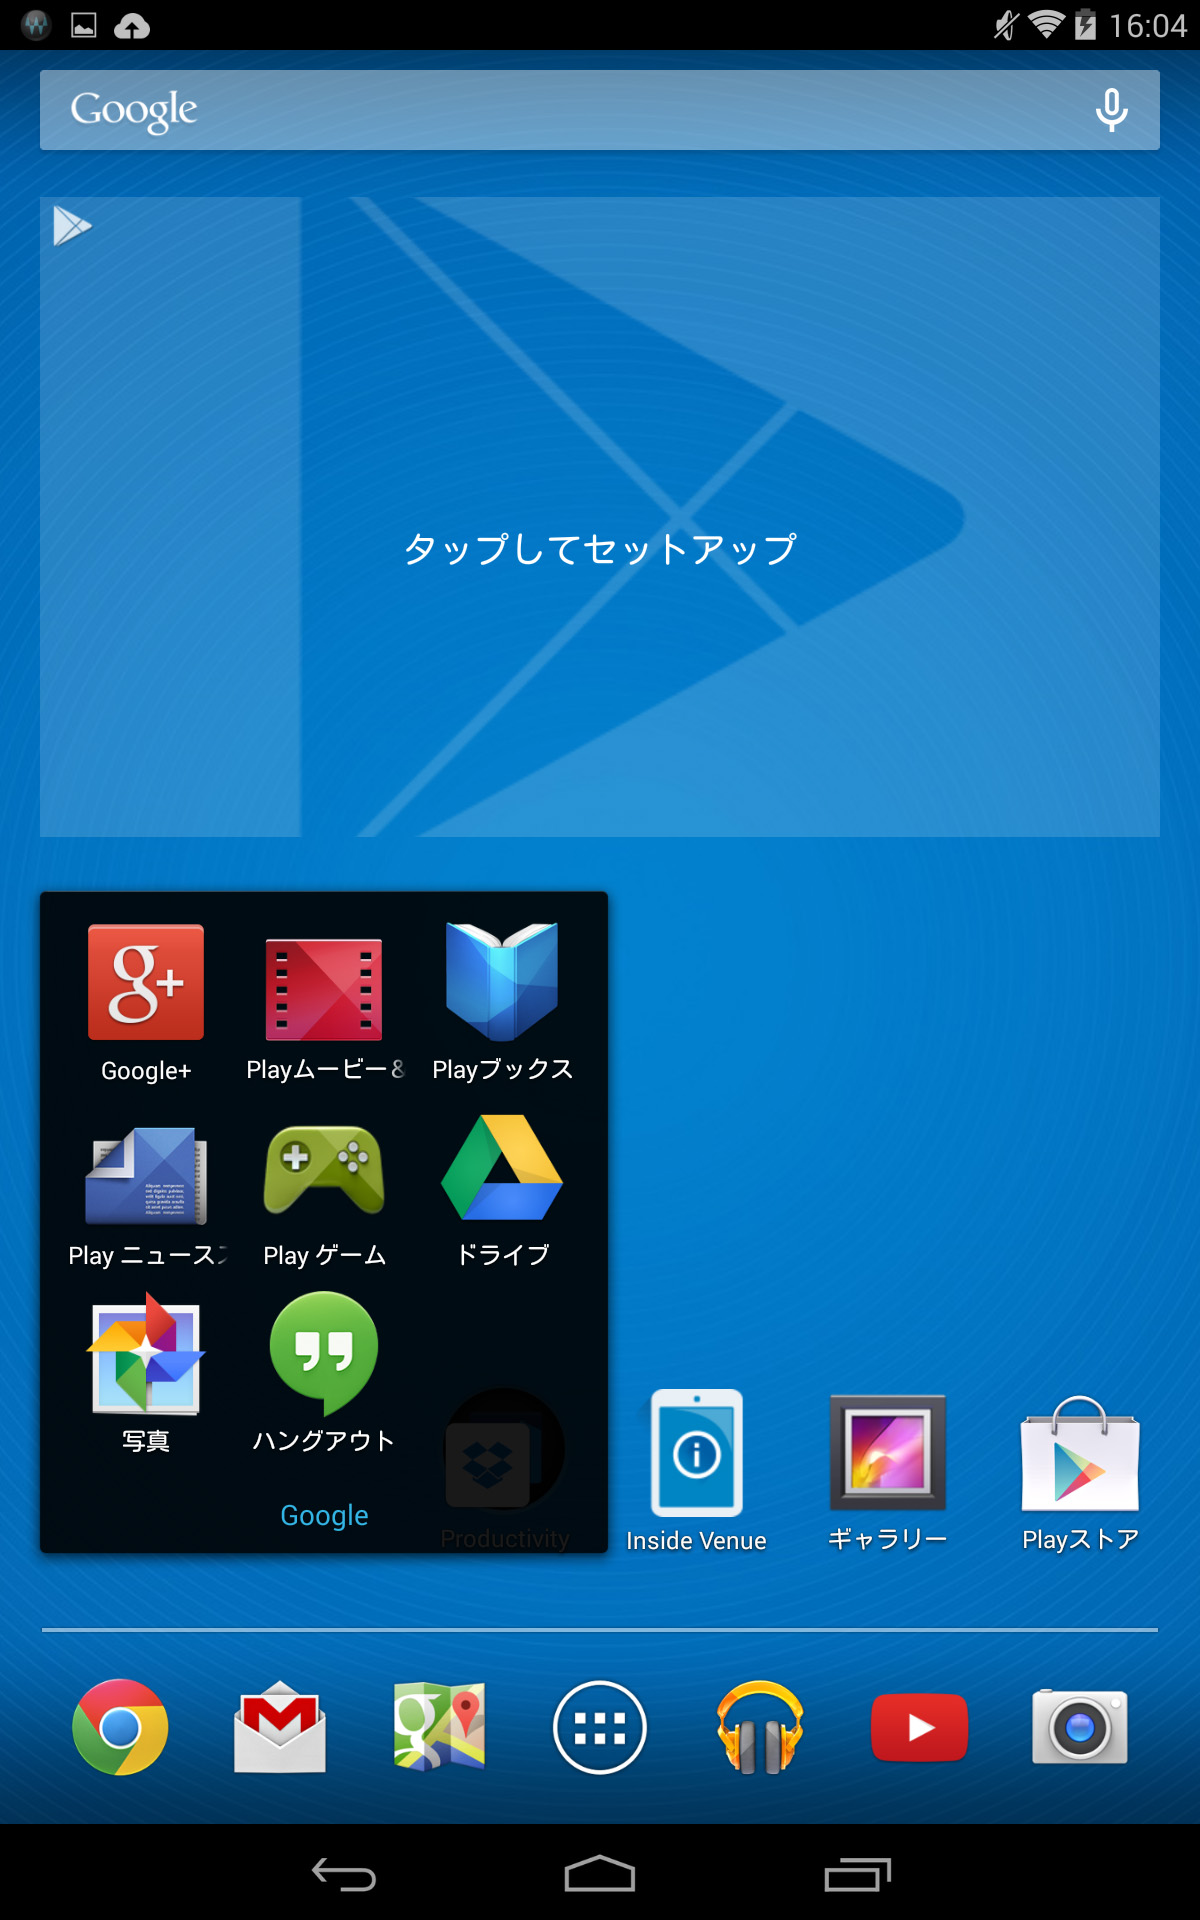 Googleアプリフォルダ。Google+、Playムービー&TV、Playニュース、Playゲーム、ドライブ、写真、ハングアウト